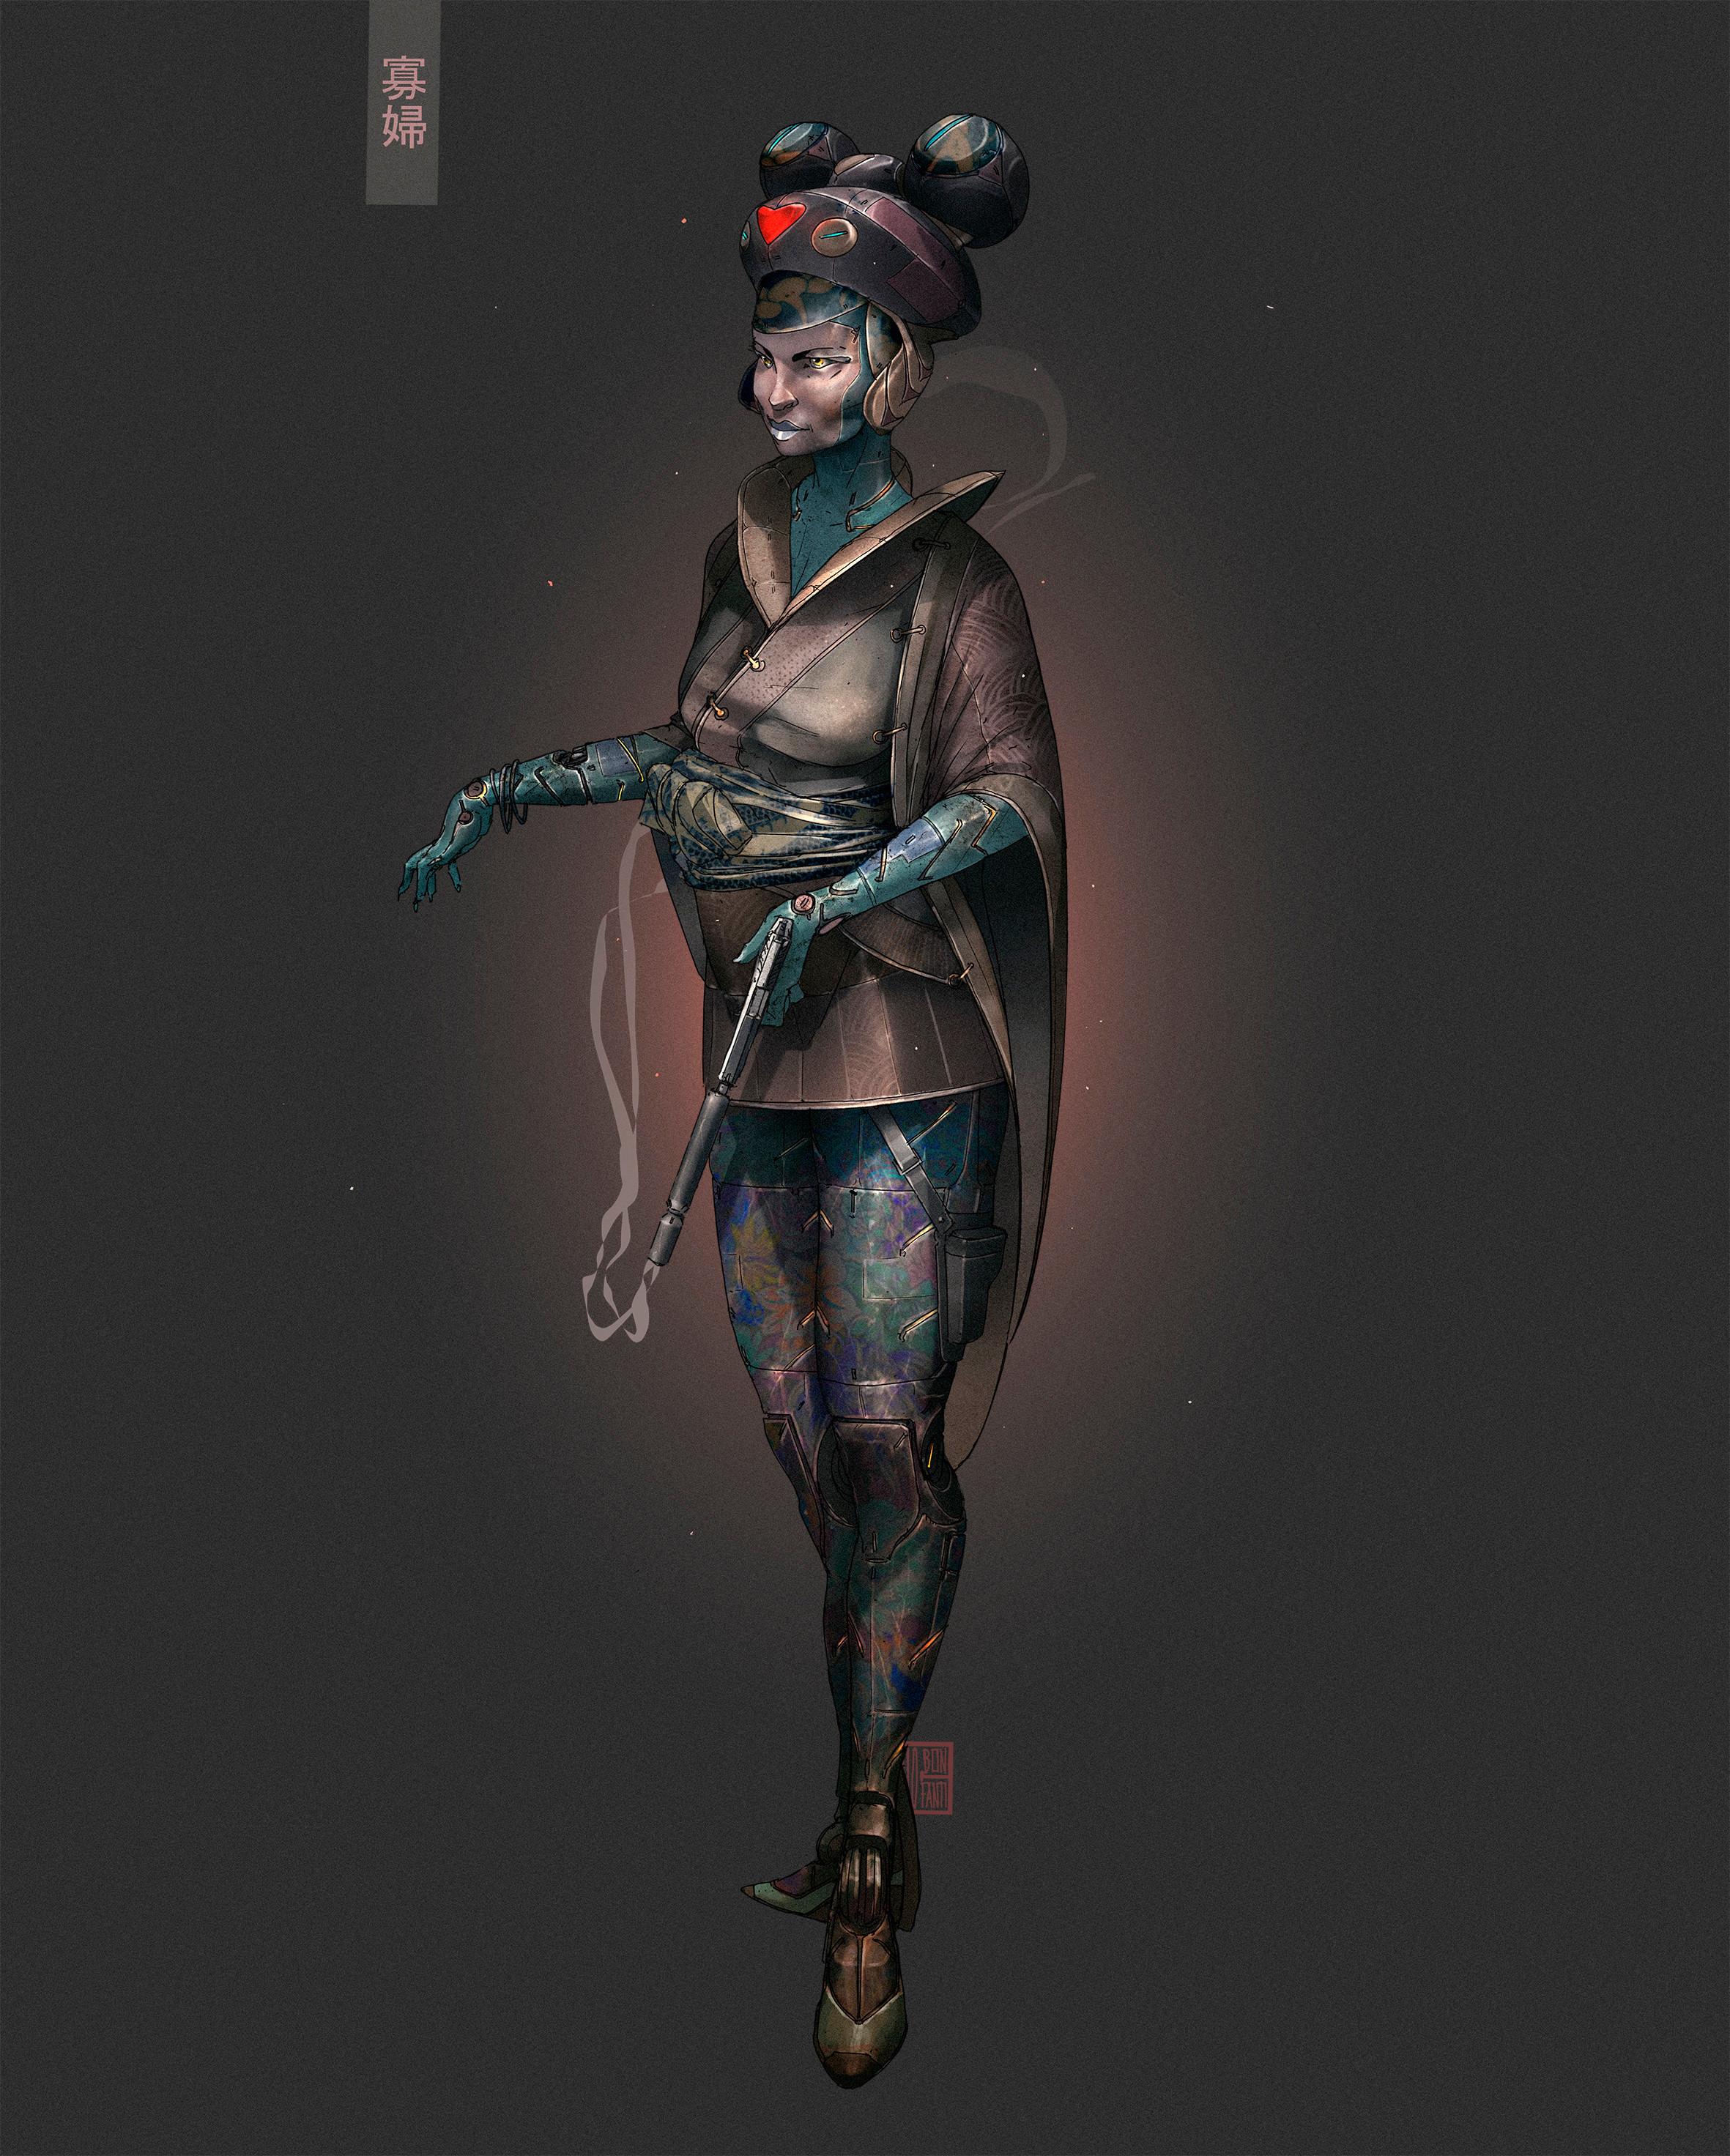 The widow maker - 寡婦